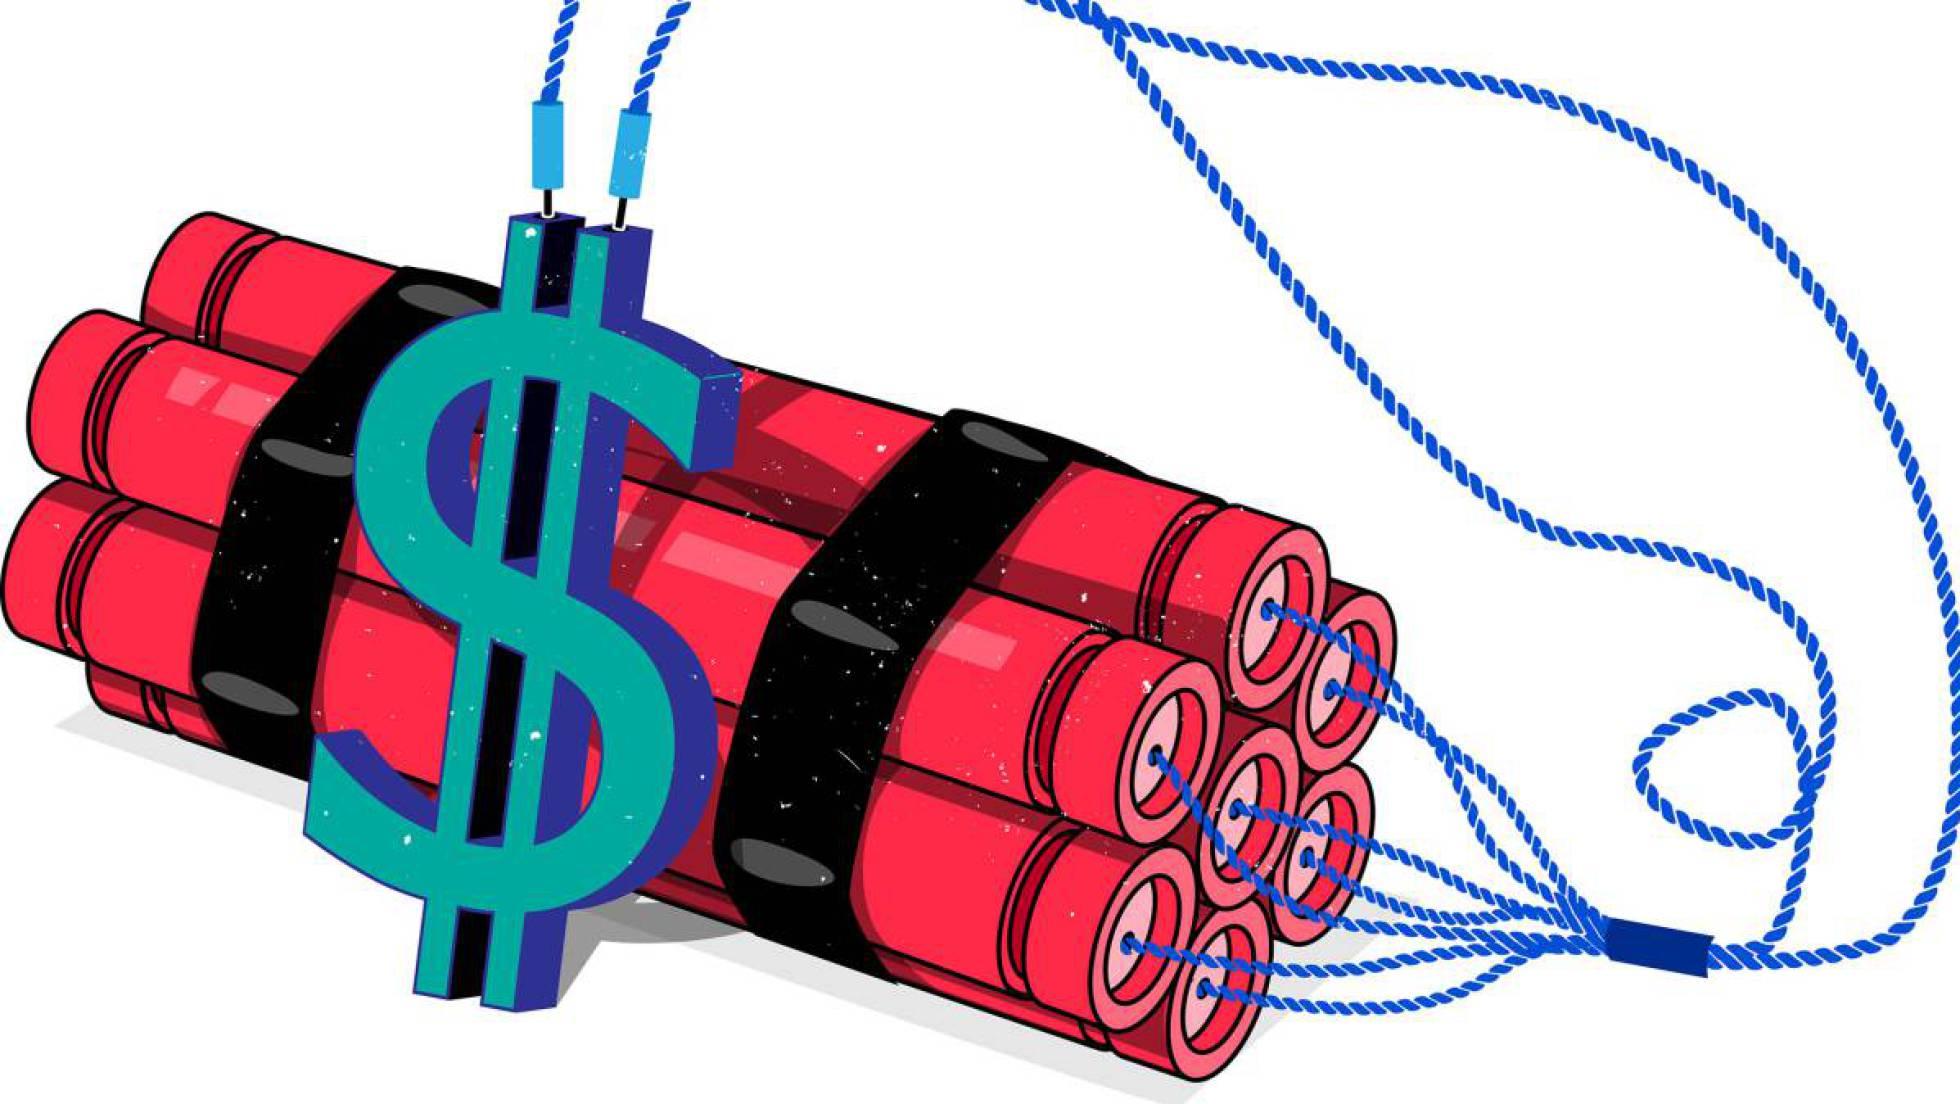 La guerra encubierta de los bancos para captar a los clientes con hipoteca